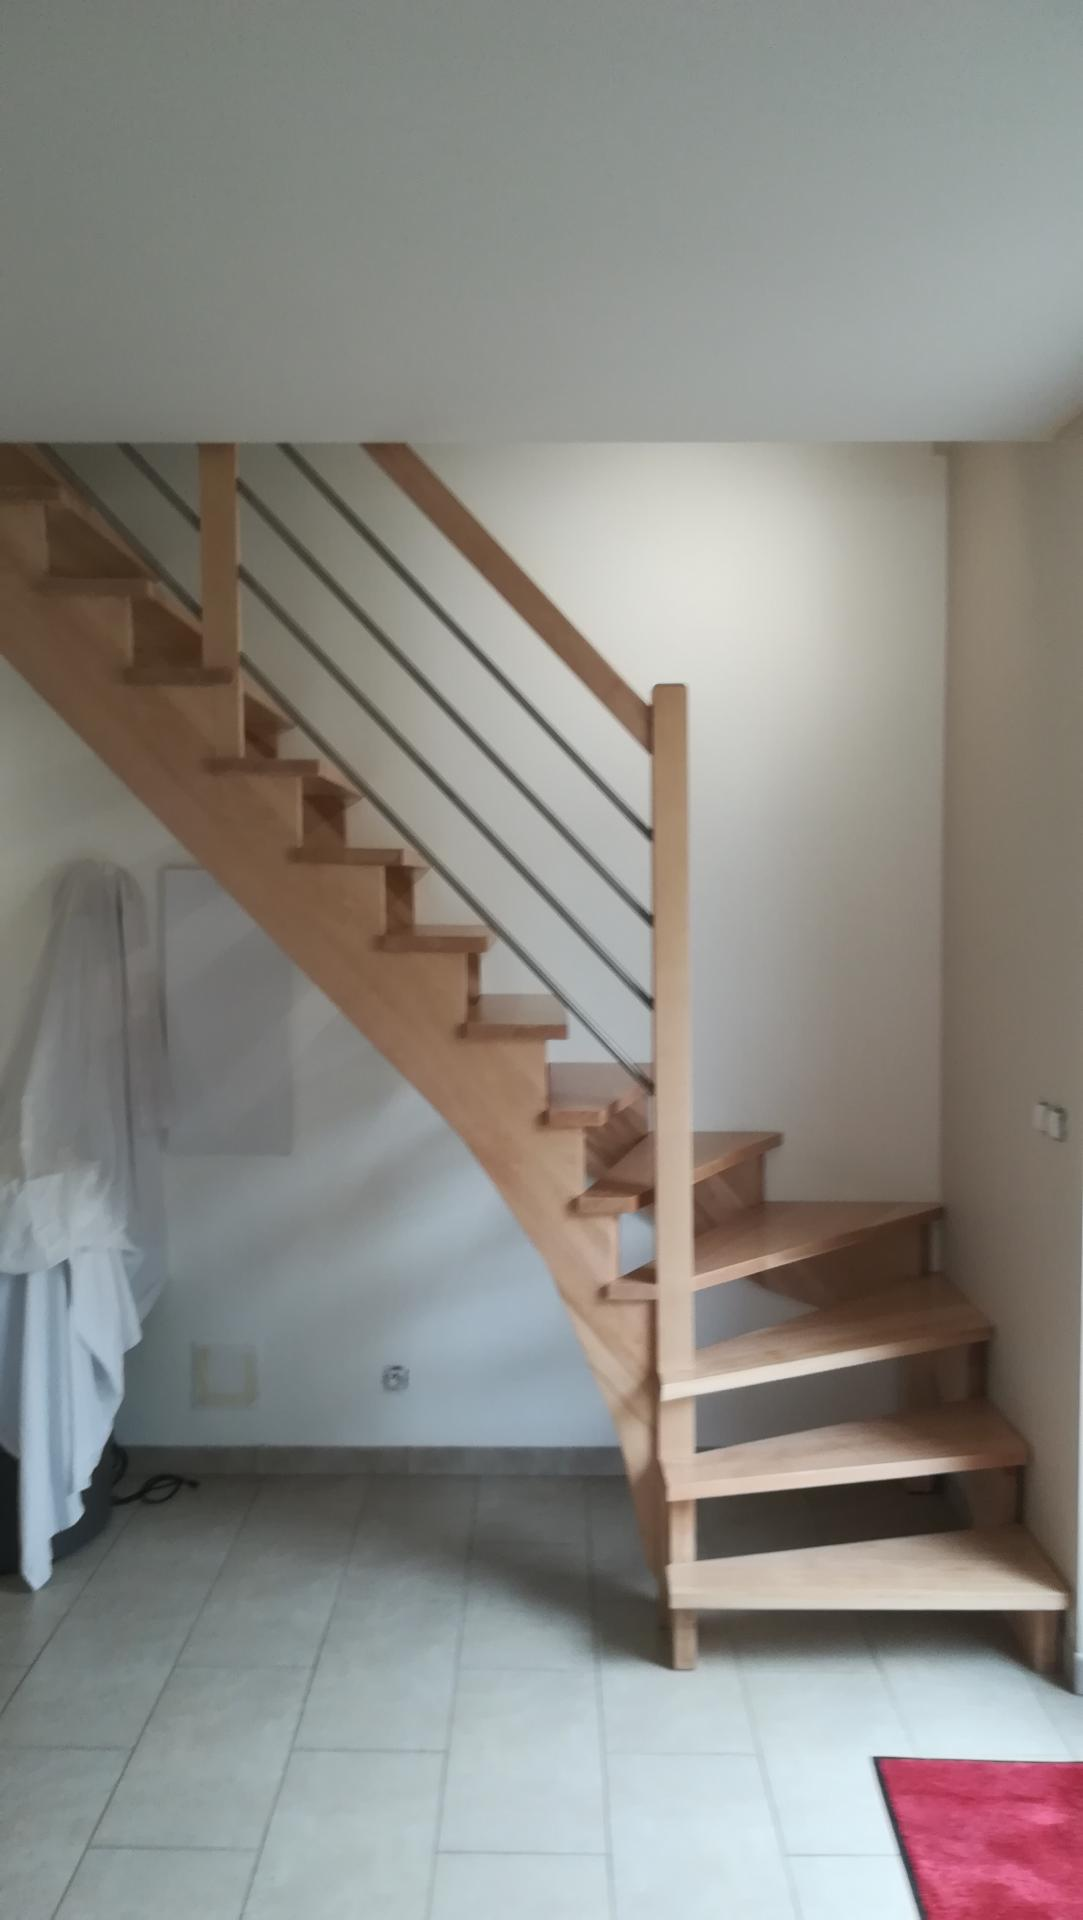 Escalier quart tournant en hêtre Absolu Bois